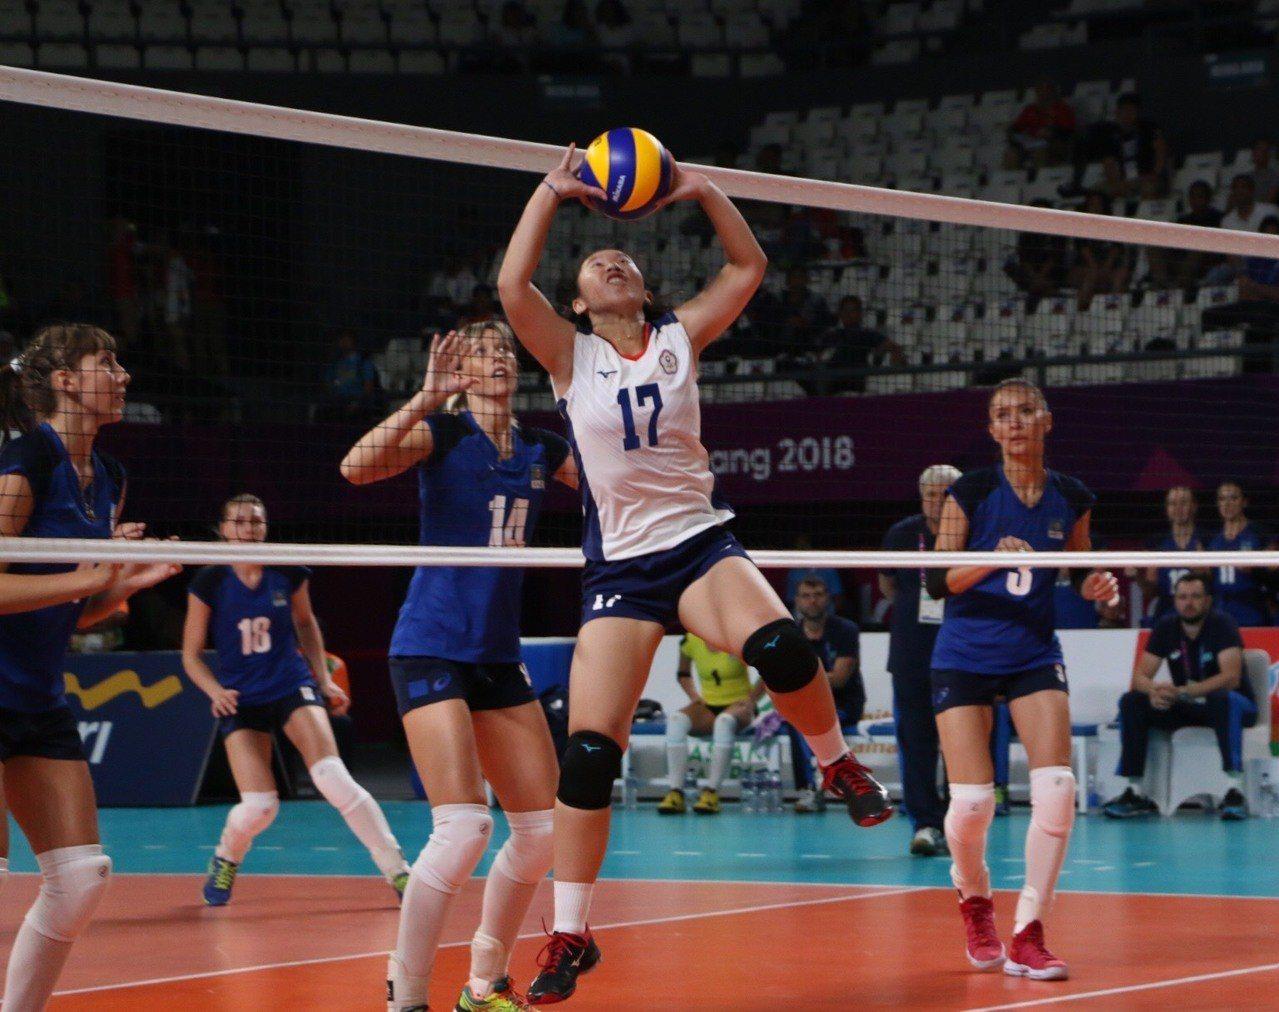 中華女排隊張妤嘉跳舉球給隊友製造進攻機會。台體實習記者藍妍琦/雅加達攝影